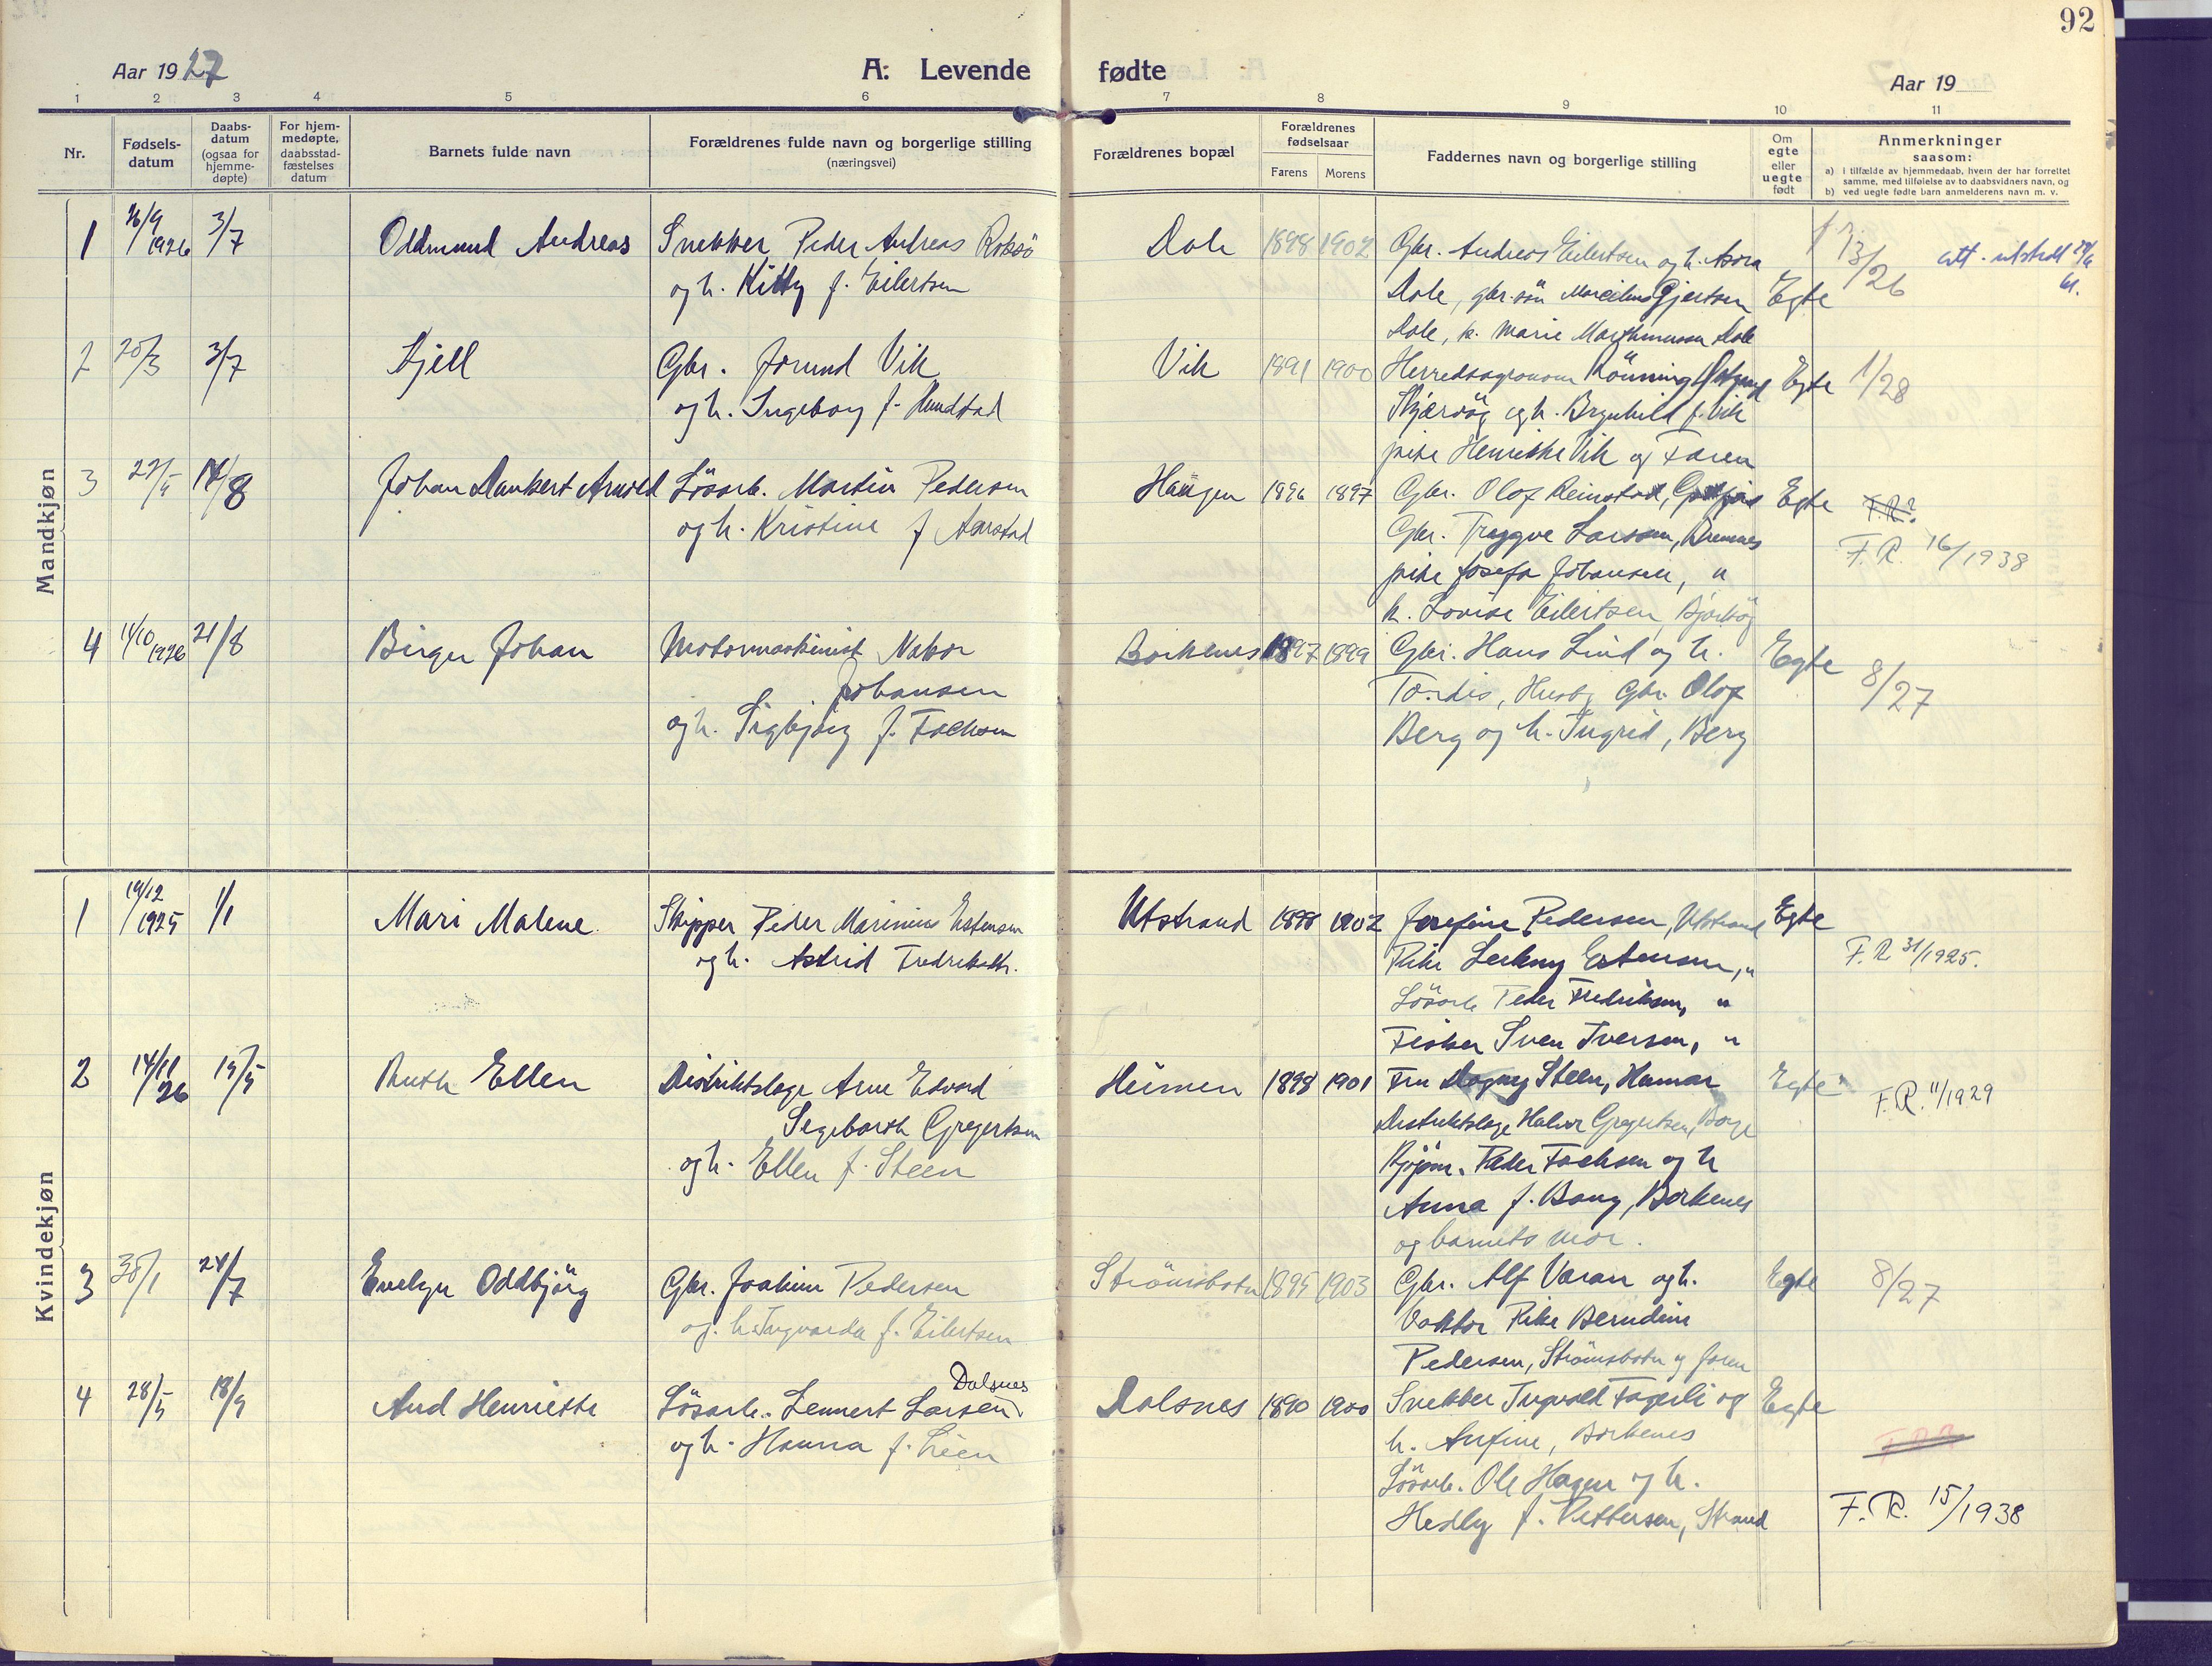 SATØ, Kvæfjord sokneprestkontor, G/Ga/Gaa/L0007kirke: Ministerialbok nr. 7, 1915-1931, s. 92